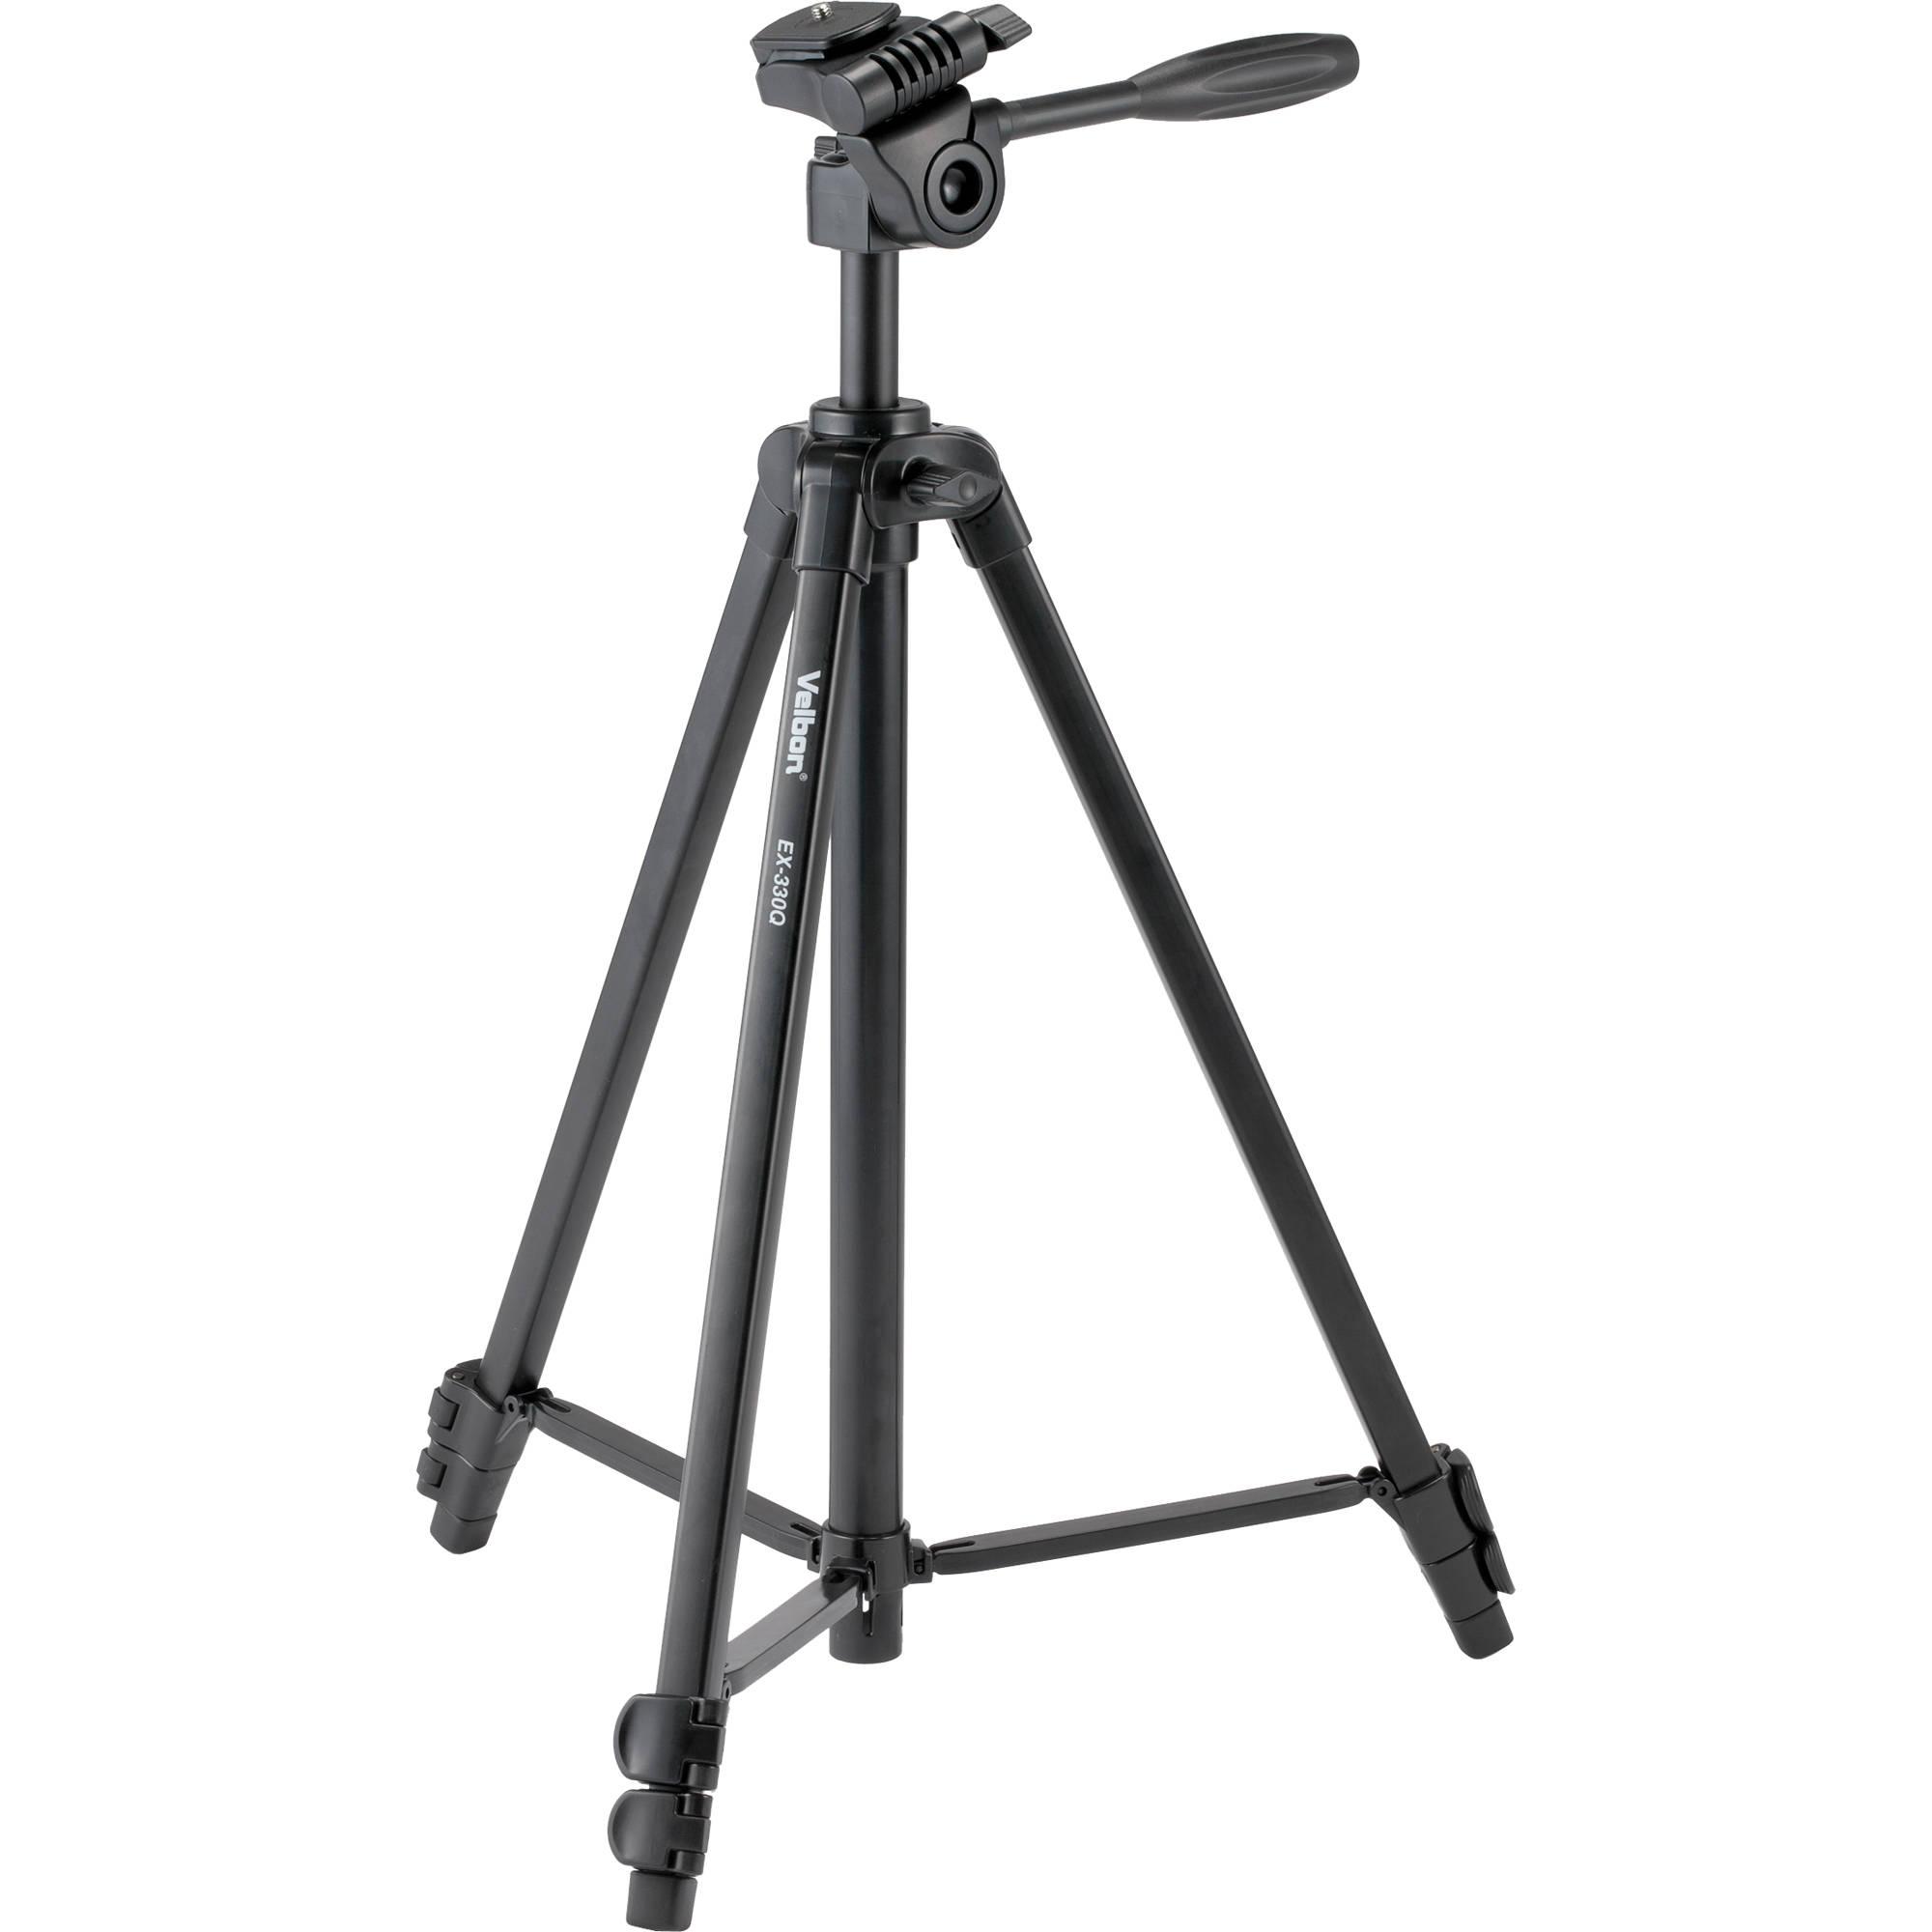 Пленка для пленочного фотоаппарата изделия предотвращают